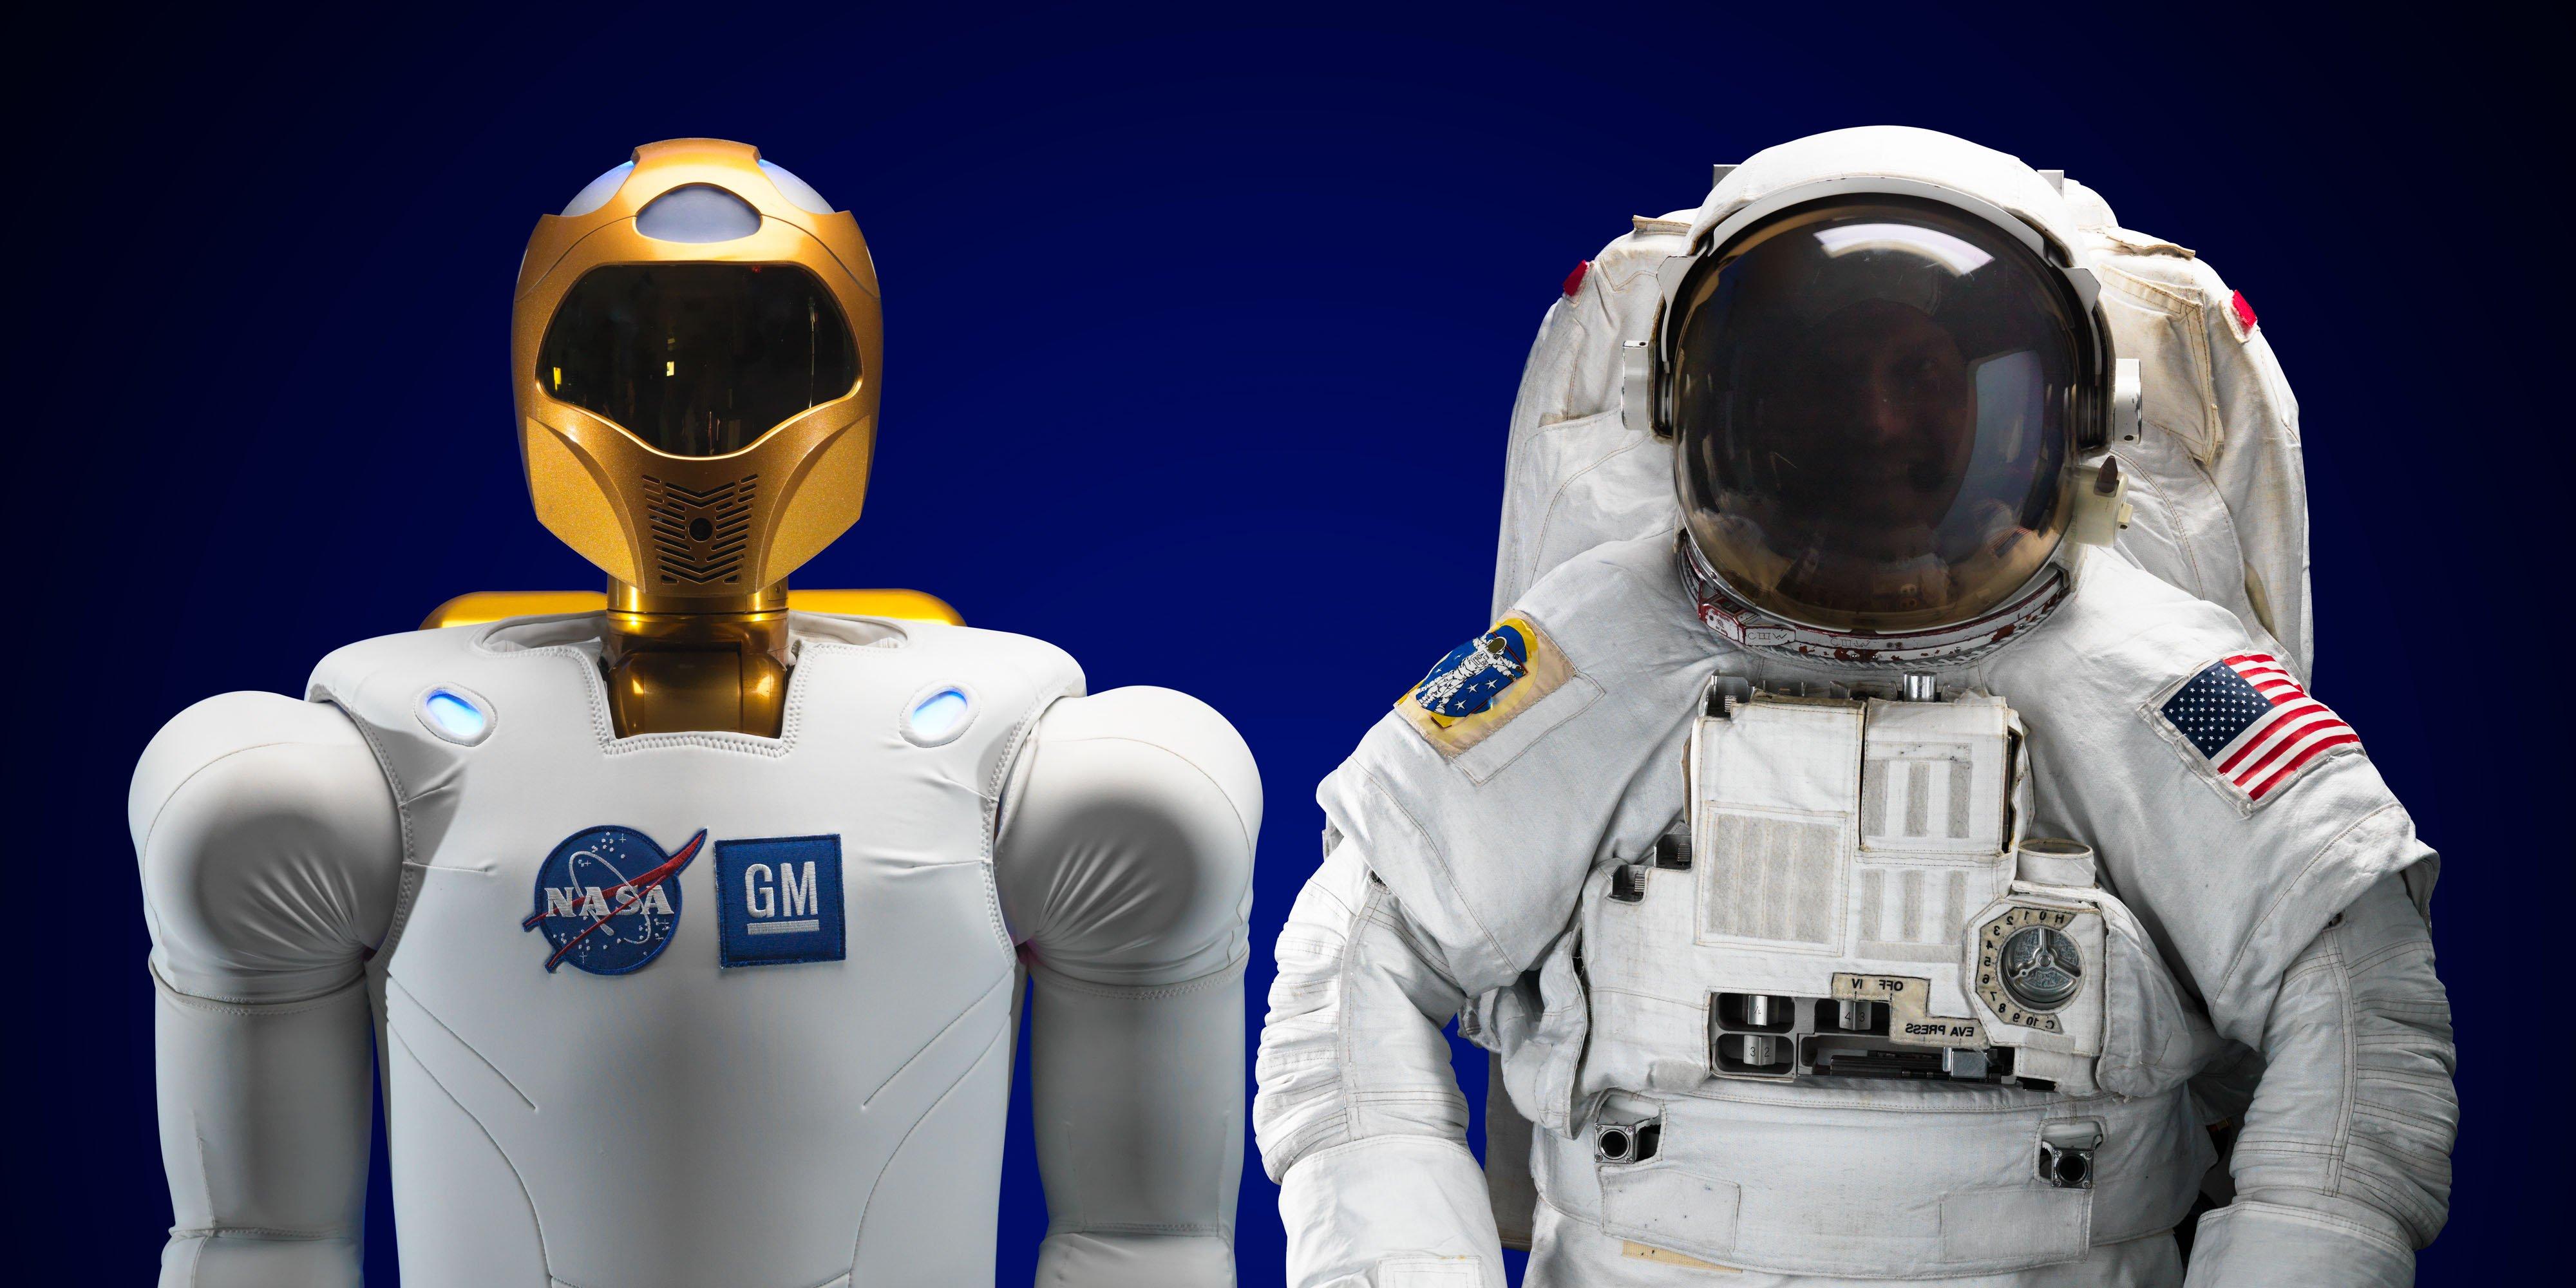 федор робот православный форум для покорения космоса 2021 год Дмитрий Рогозин новости технологии наука отвратительные мужики